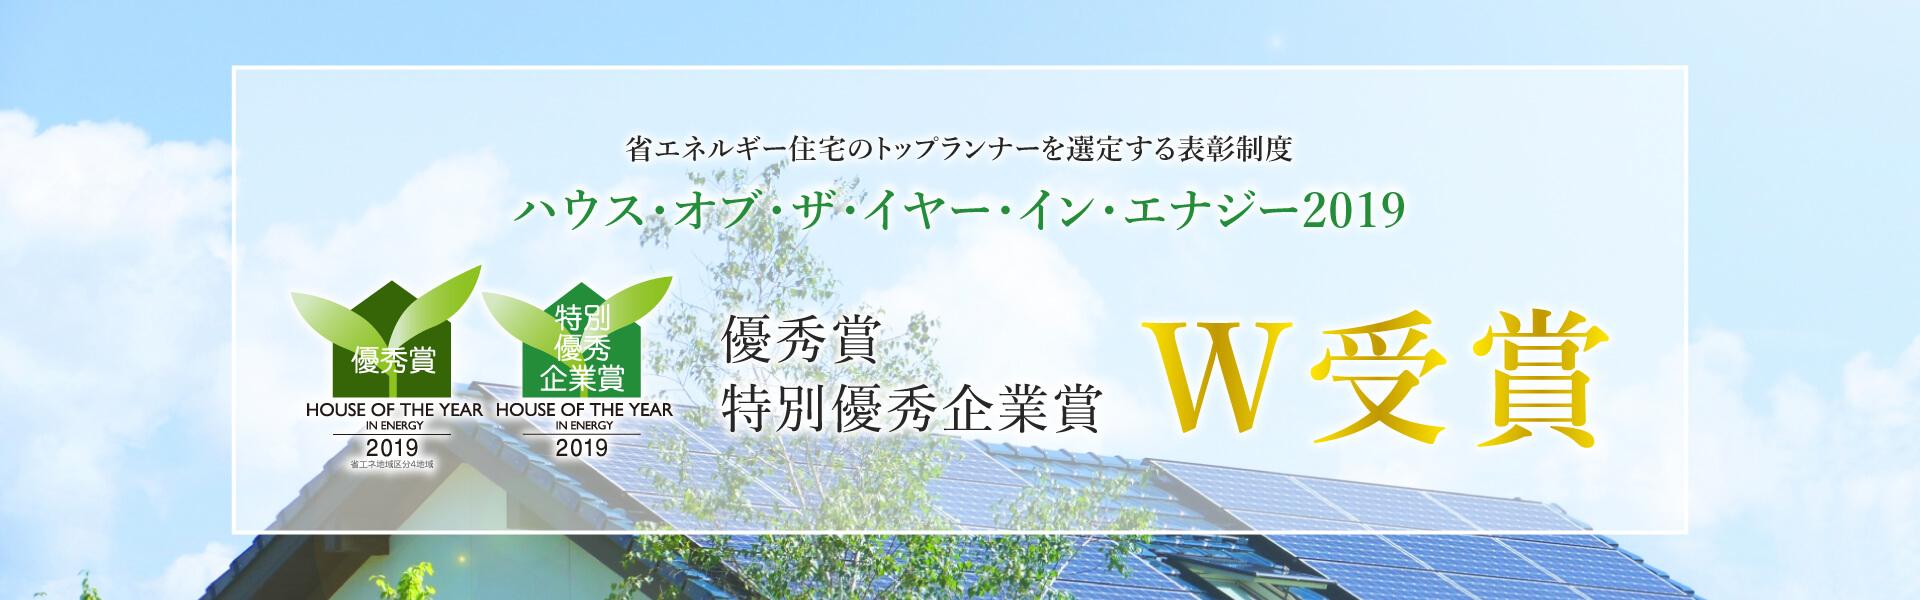 ハウス・オブ・ザ・イン・エナジー2019 優秀賞&特別優秀企業賞W受賞